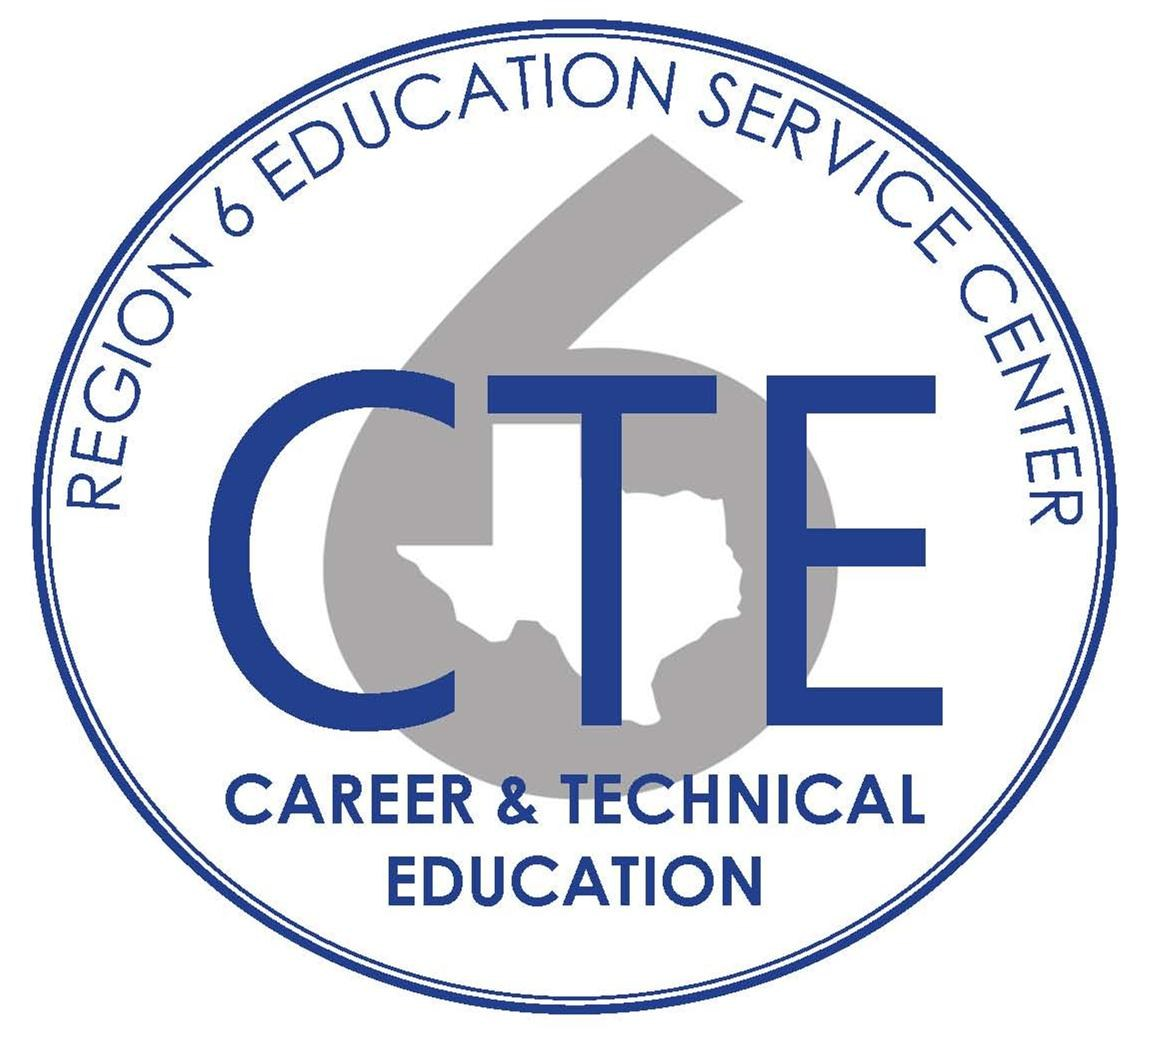 CAREER & TECHNICAL EDUCATION